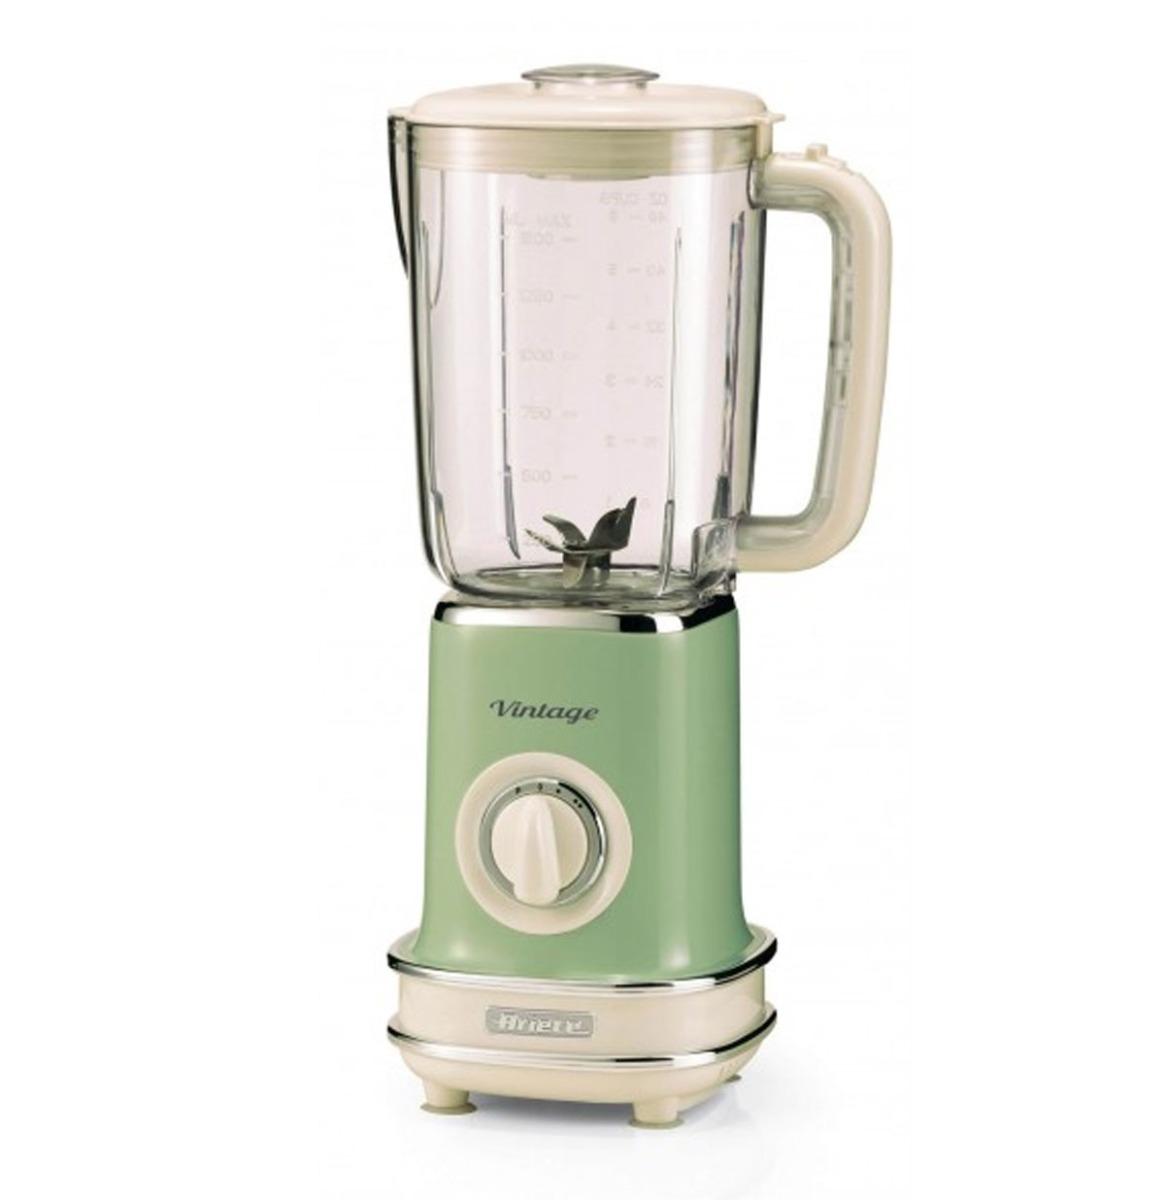 Ariete Vintage Mixer - Blender Groen - Ruimte Besparend